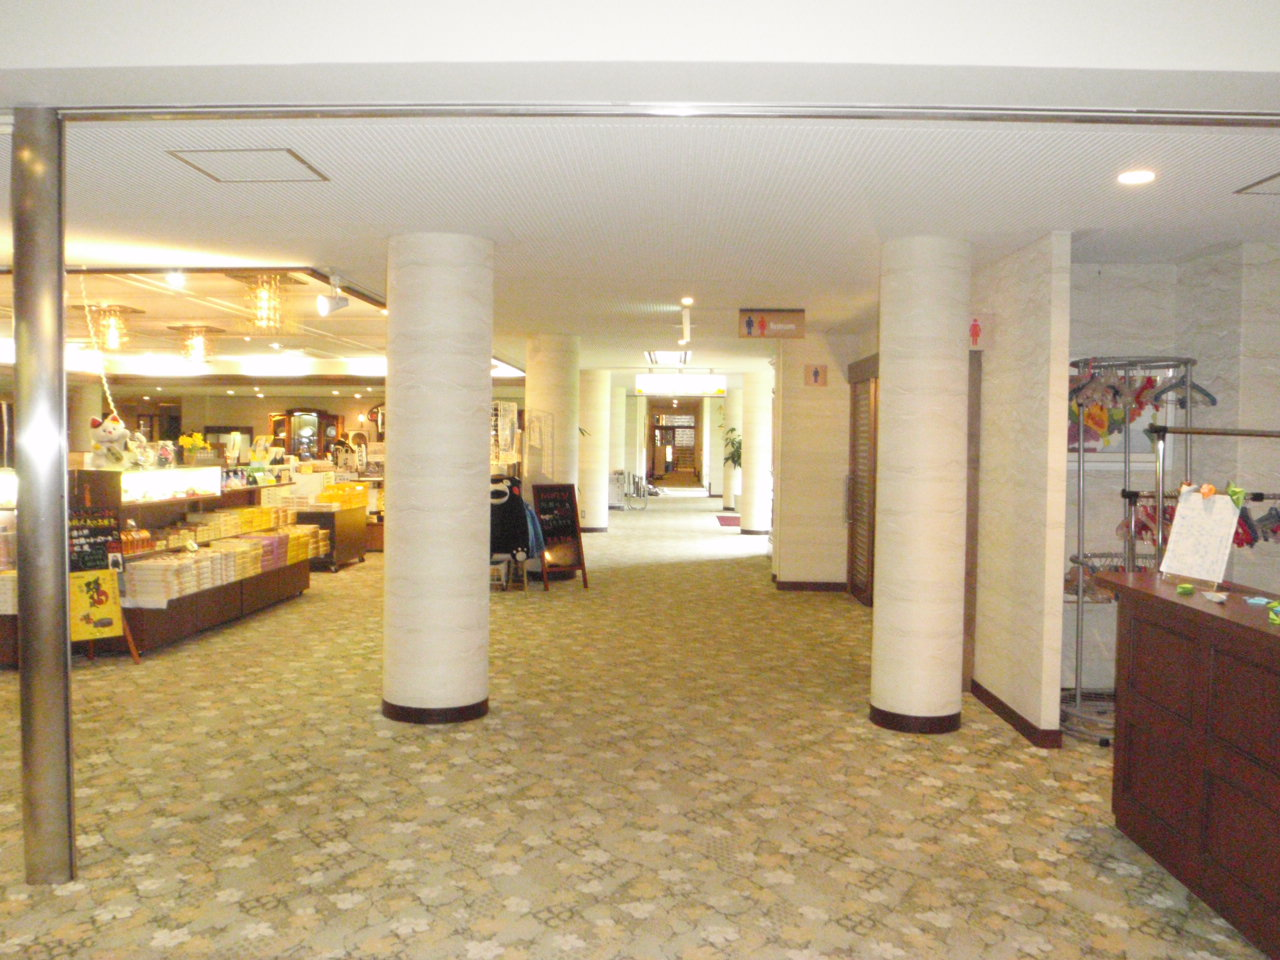 阿蘇プラザホテル(震災復旧、改修)イメージ